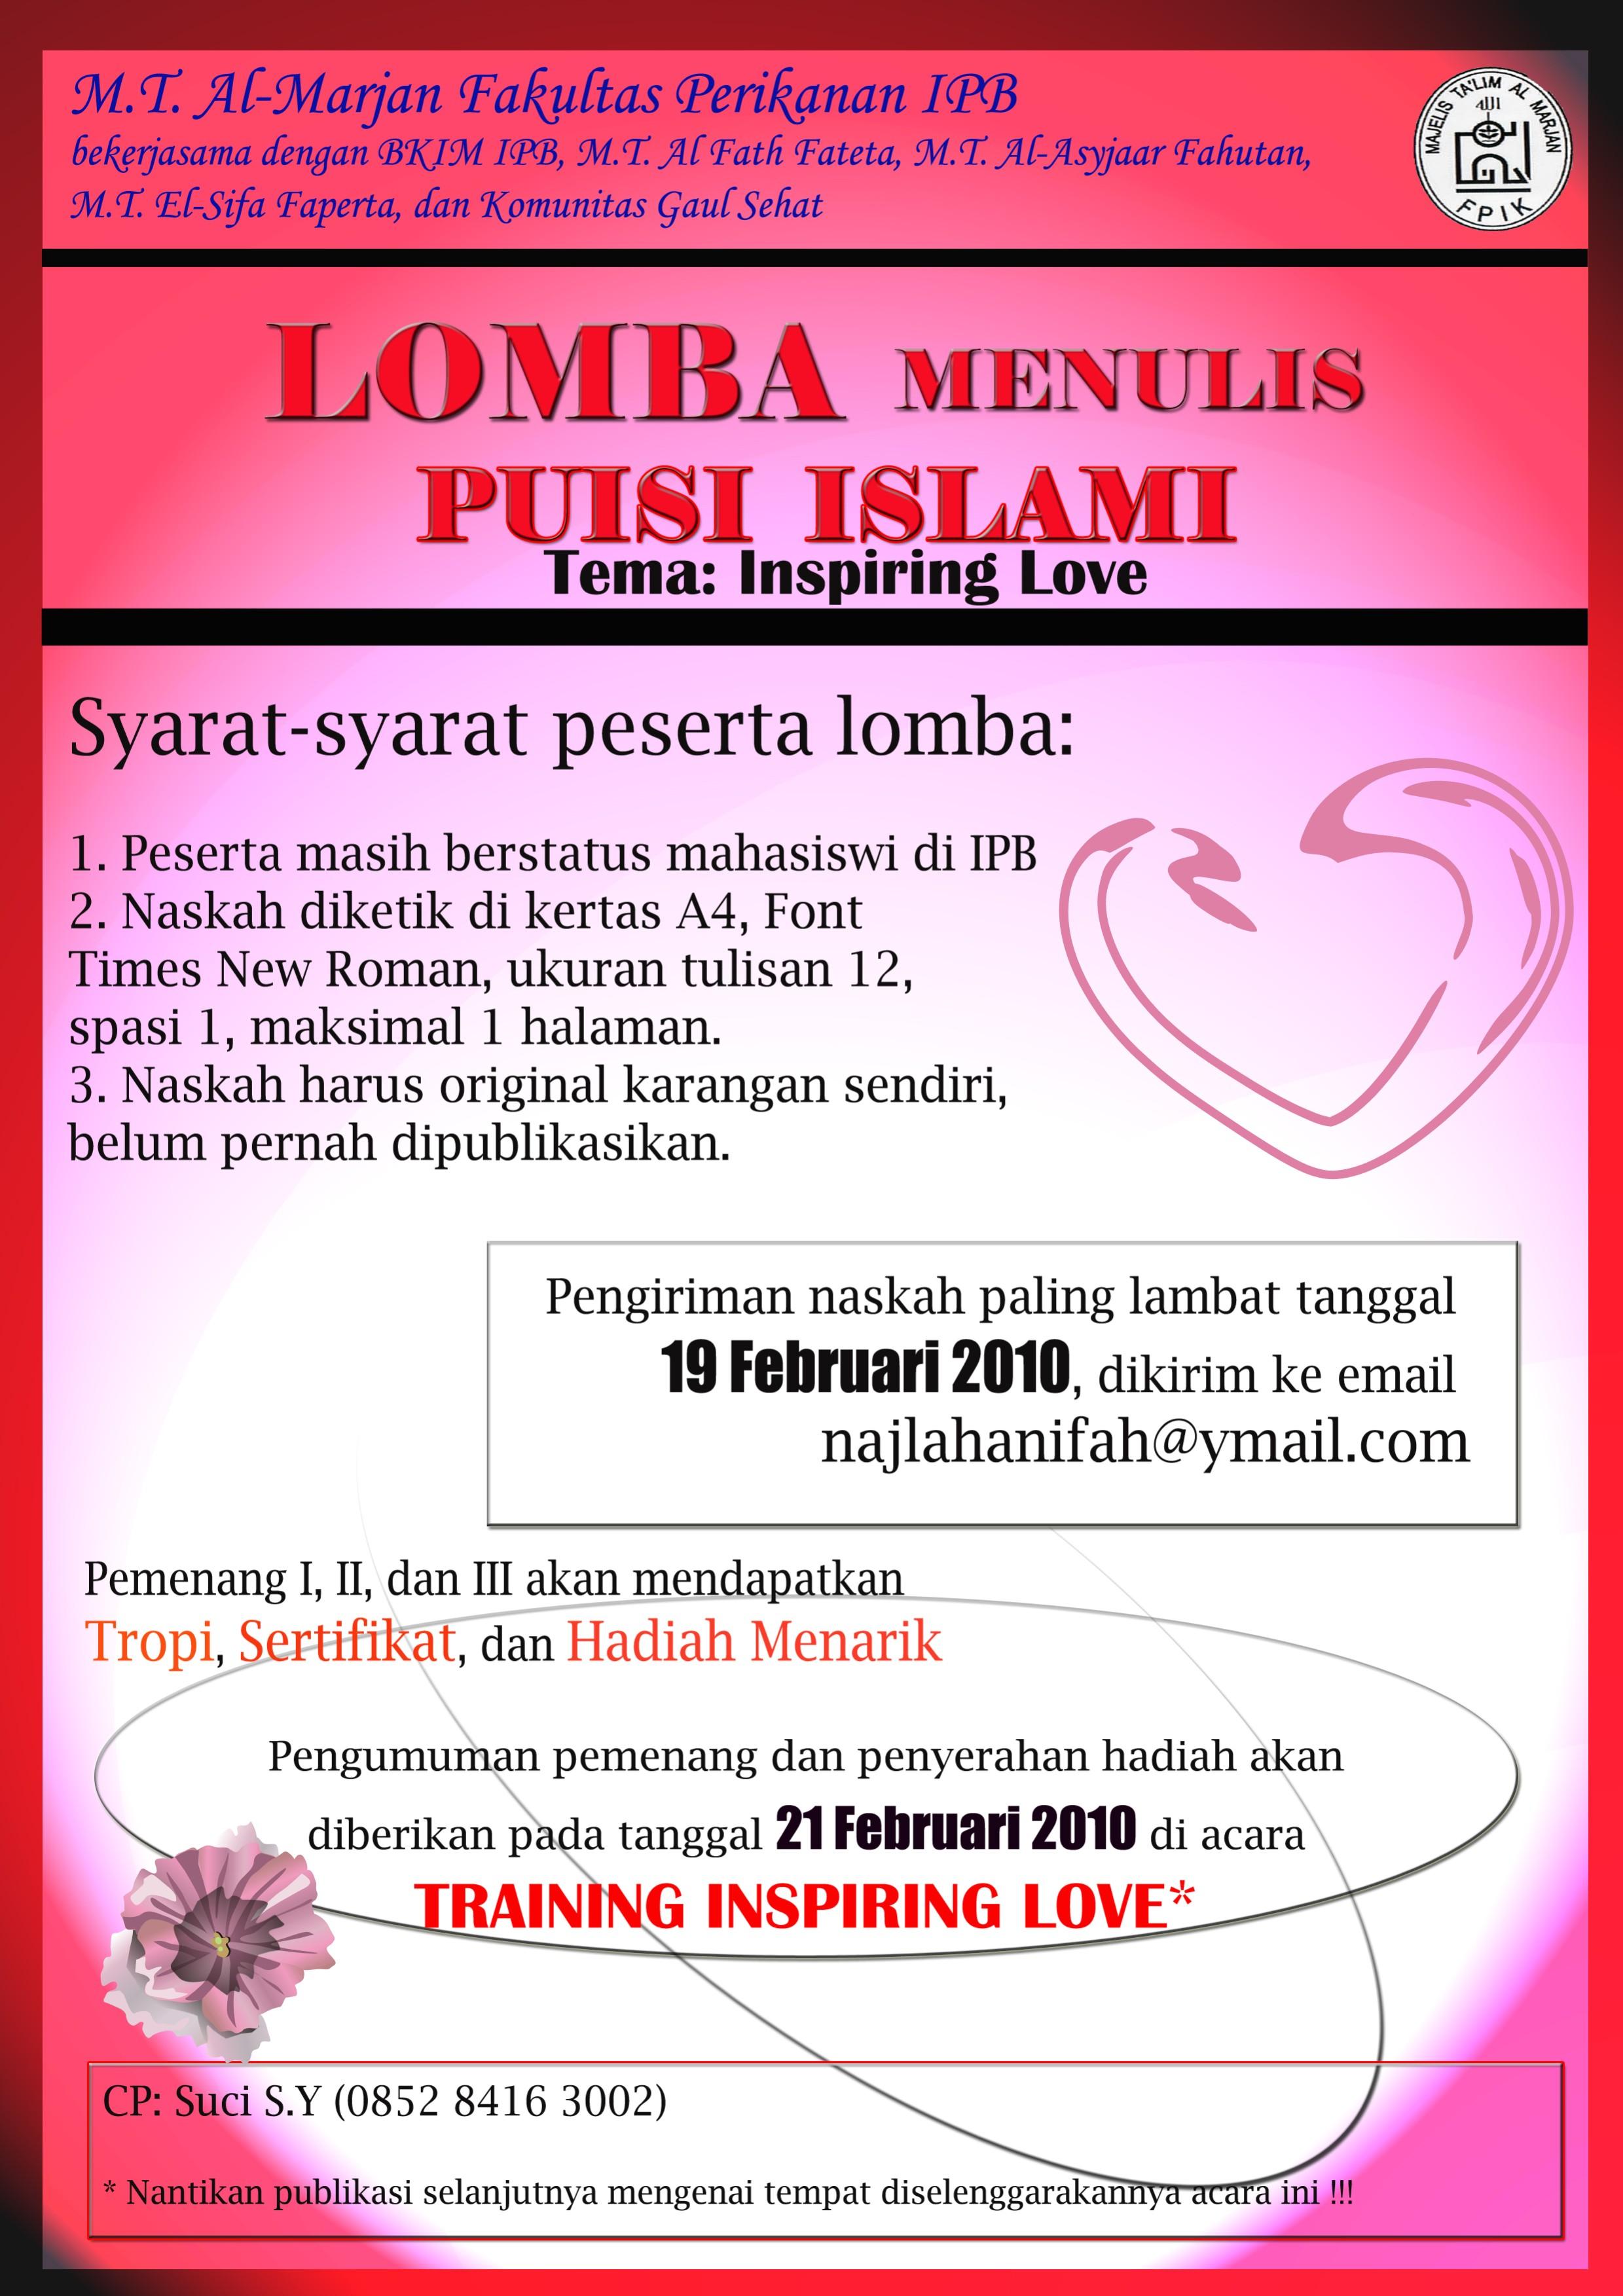 Lomba Menulis Puisi Islami & Training Inspiring Love | MT Al2479